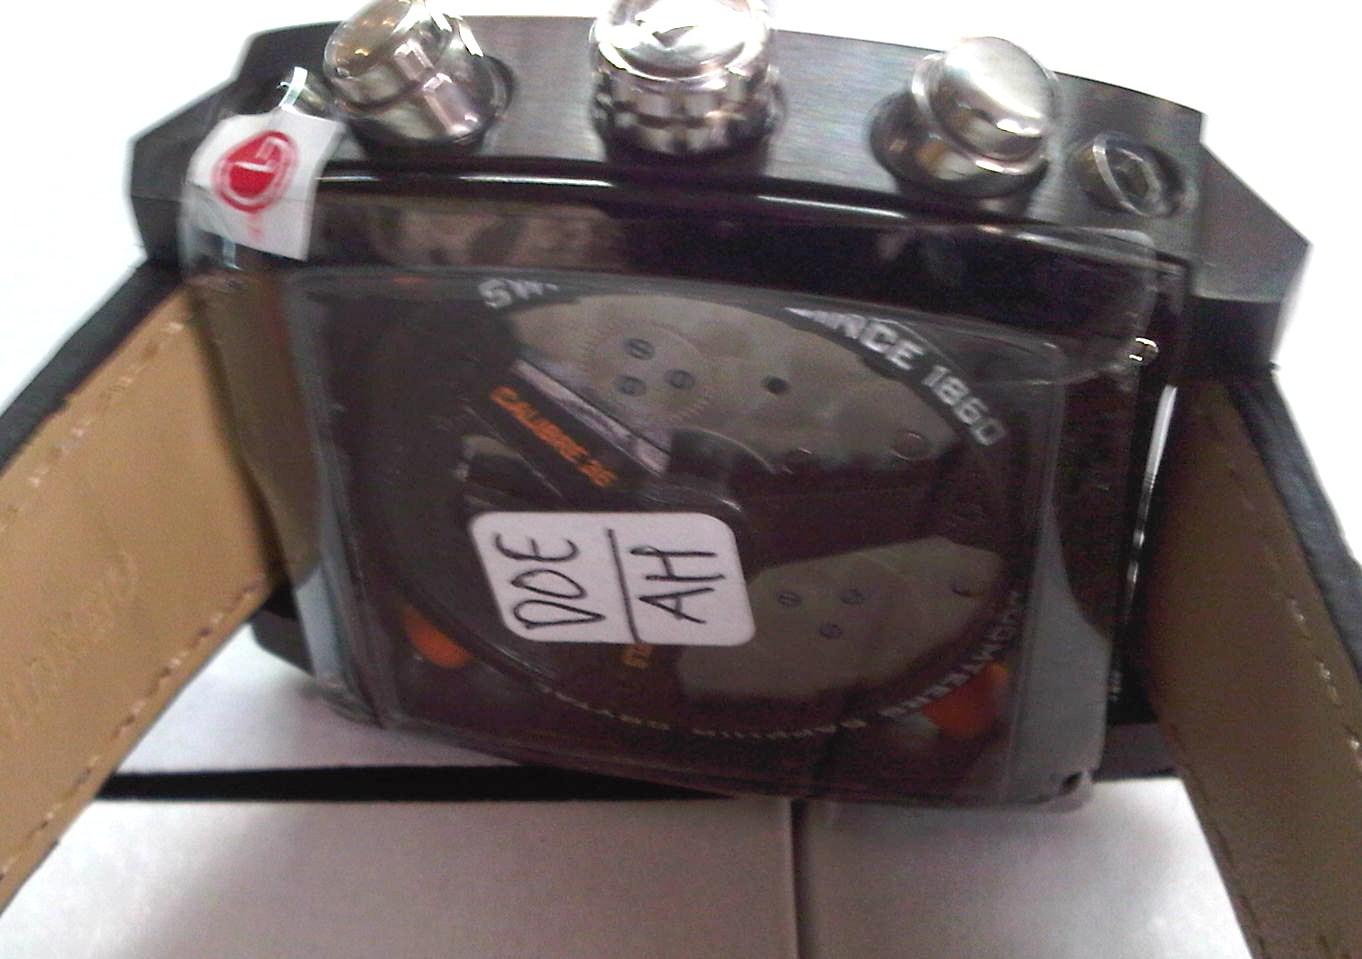 TAG Heuer Monaco full black ...jam tangan yang sporty dan lux banget..ini  jam sudah mirip banget dengan aslinyaa..jam ini bermesin batre...crono  smuanya ... a869fb2334